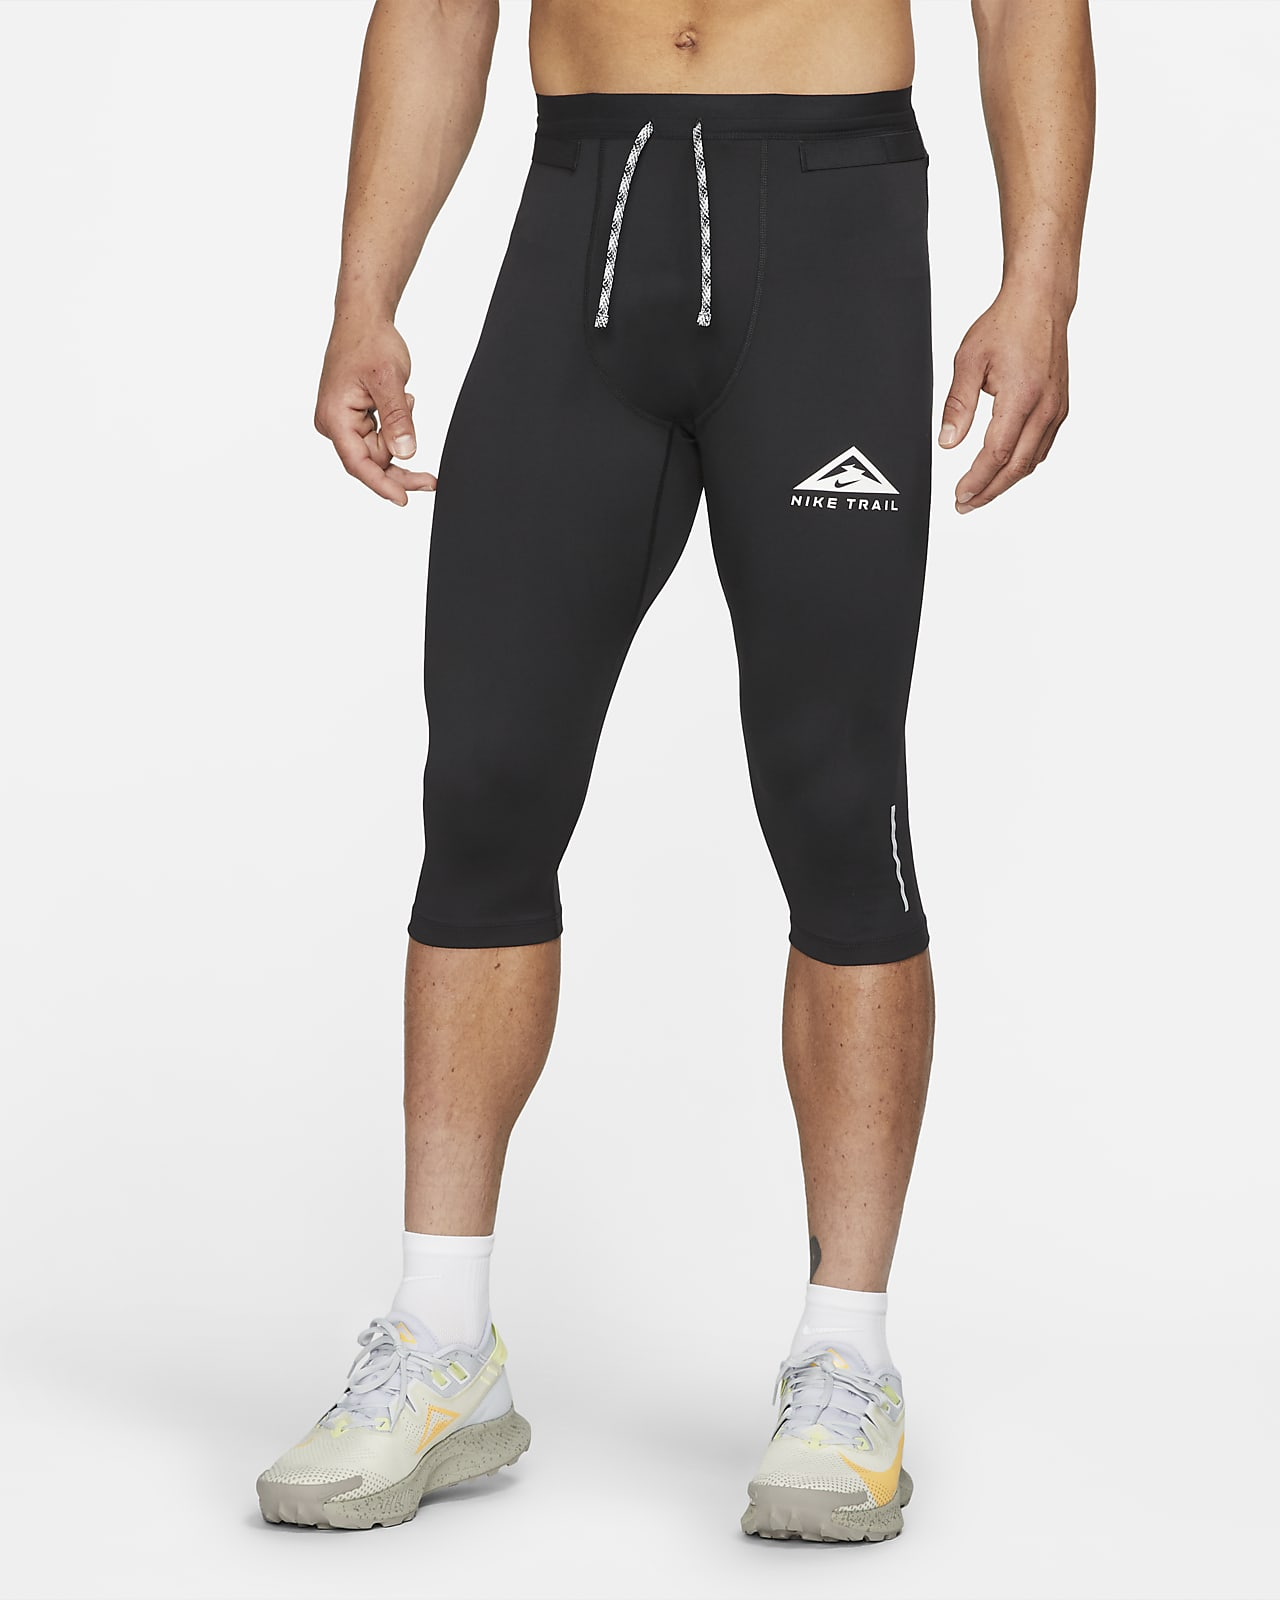 Мужские тайтсы для трейлраннинга длиной 3/4 Nike Dri-FIT